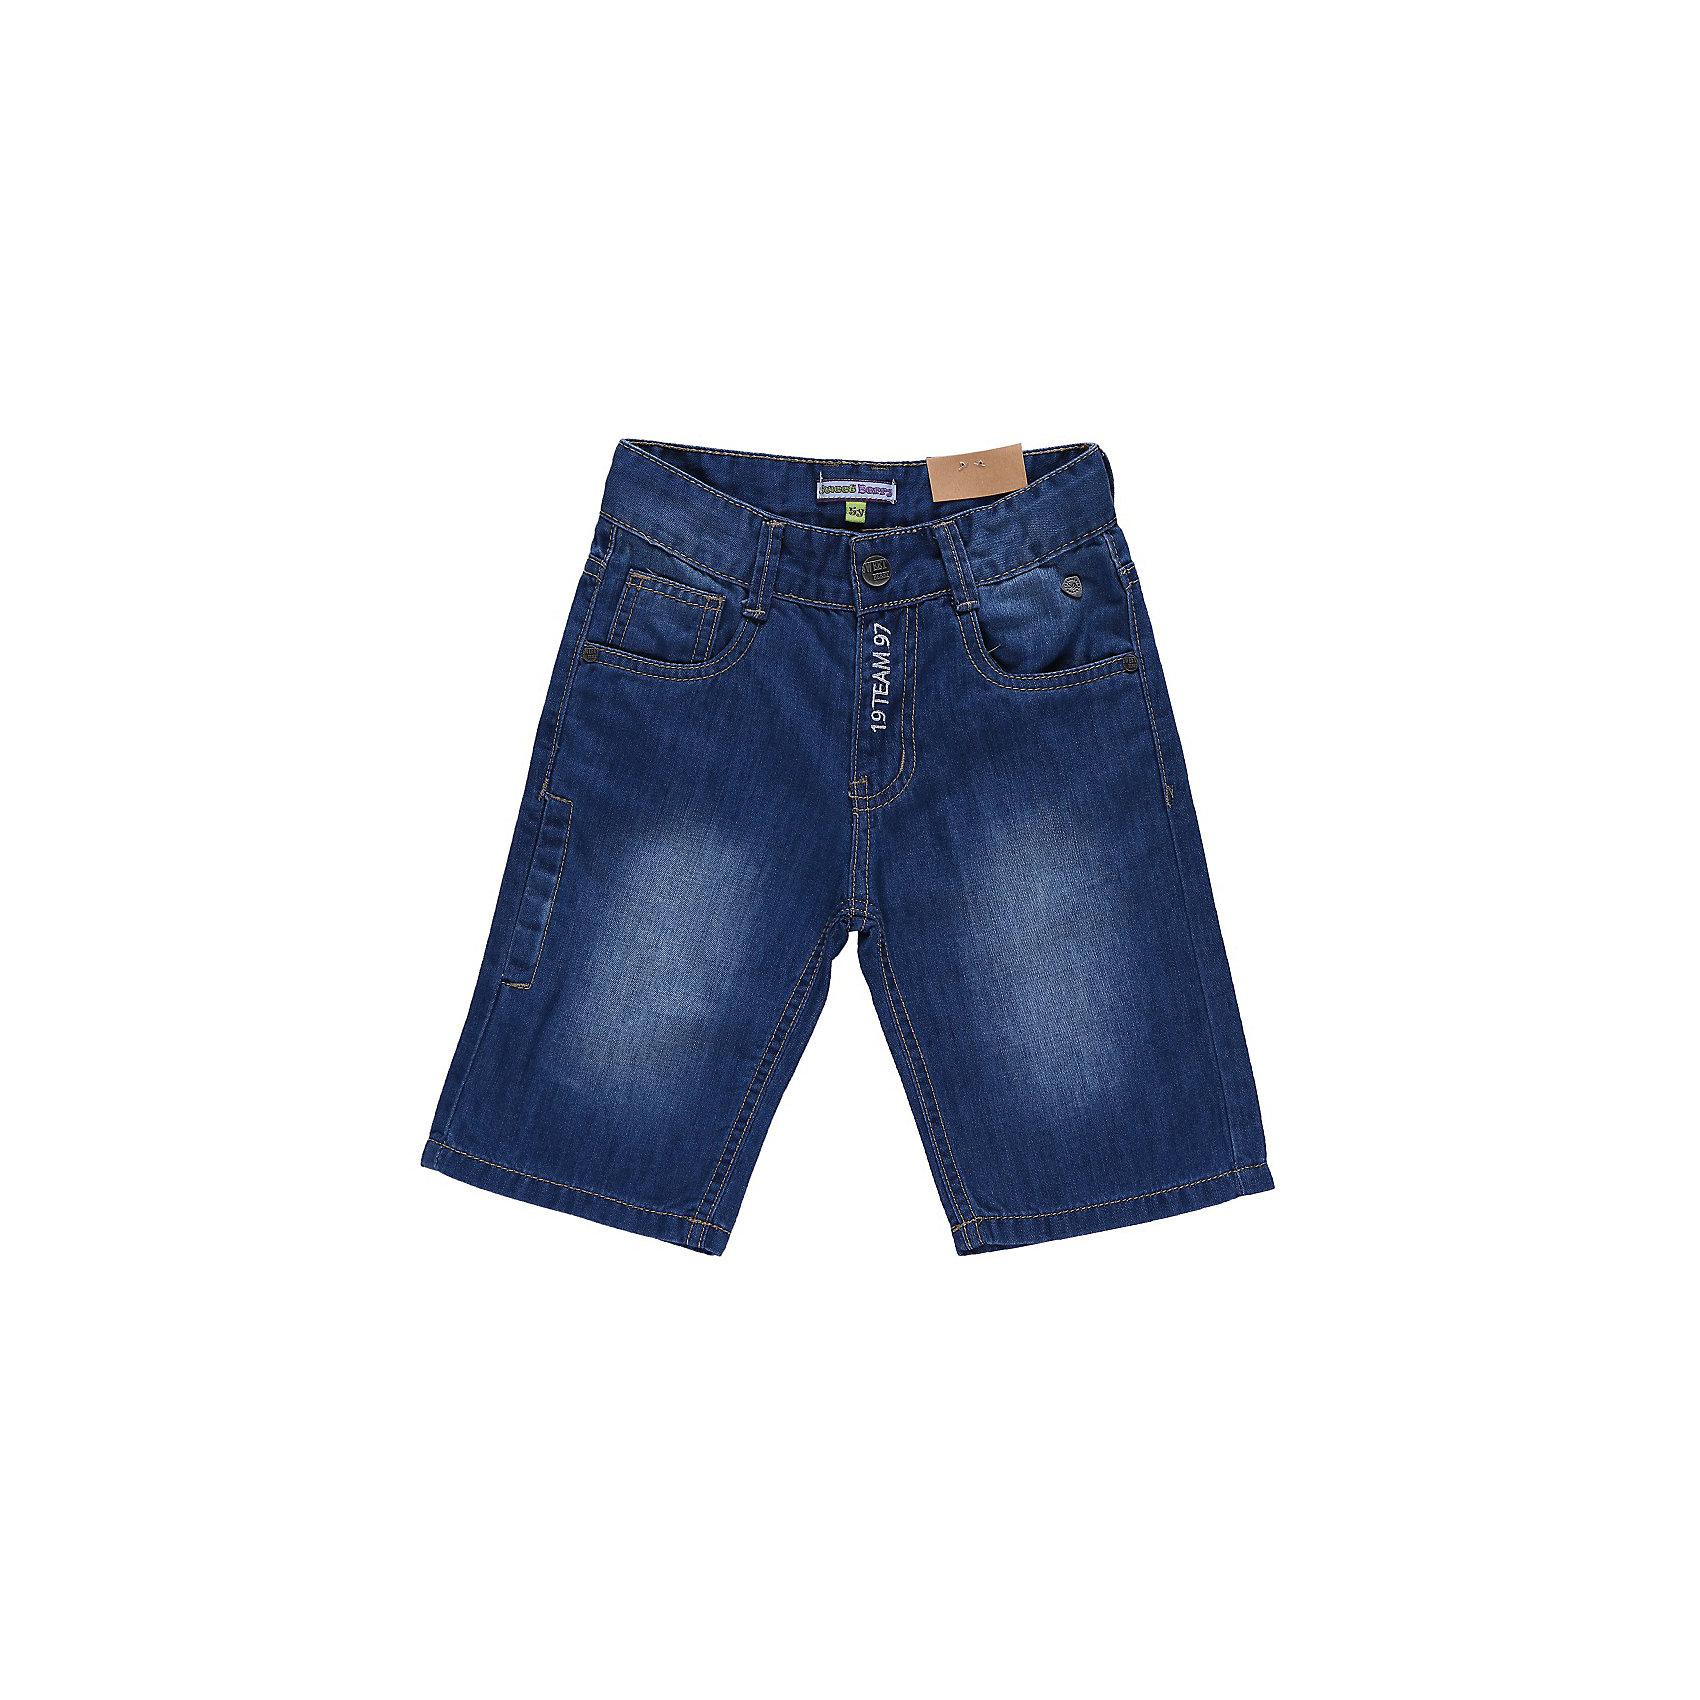 Бриджи для мальчика Sweet BerryДжинсовые бриджи с вышивкой на гульфике и одним карманом сзади.<br>Состав:<br>100% хлопок<br><br>Ширина мм: 191<br>Глубина мм: 10<br>Высота мм: 175<br>Вес г: 273<br>Цвет: синий<br>Возраст от месяцев: 84<br>Возраст до месяцев: 96<br>Пол: Мужской<br>Возраст: Детский<br>Размер: 98,104,110,116,122,128<br>SKU: 4522817